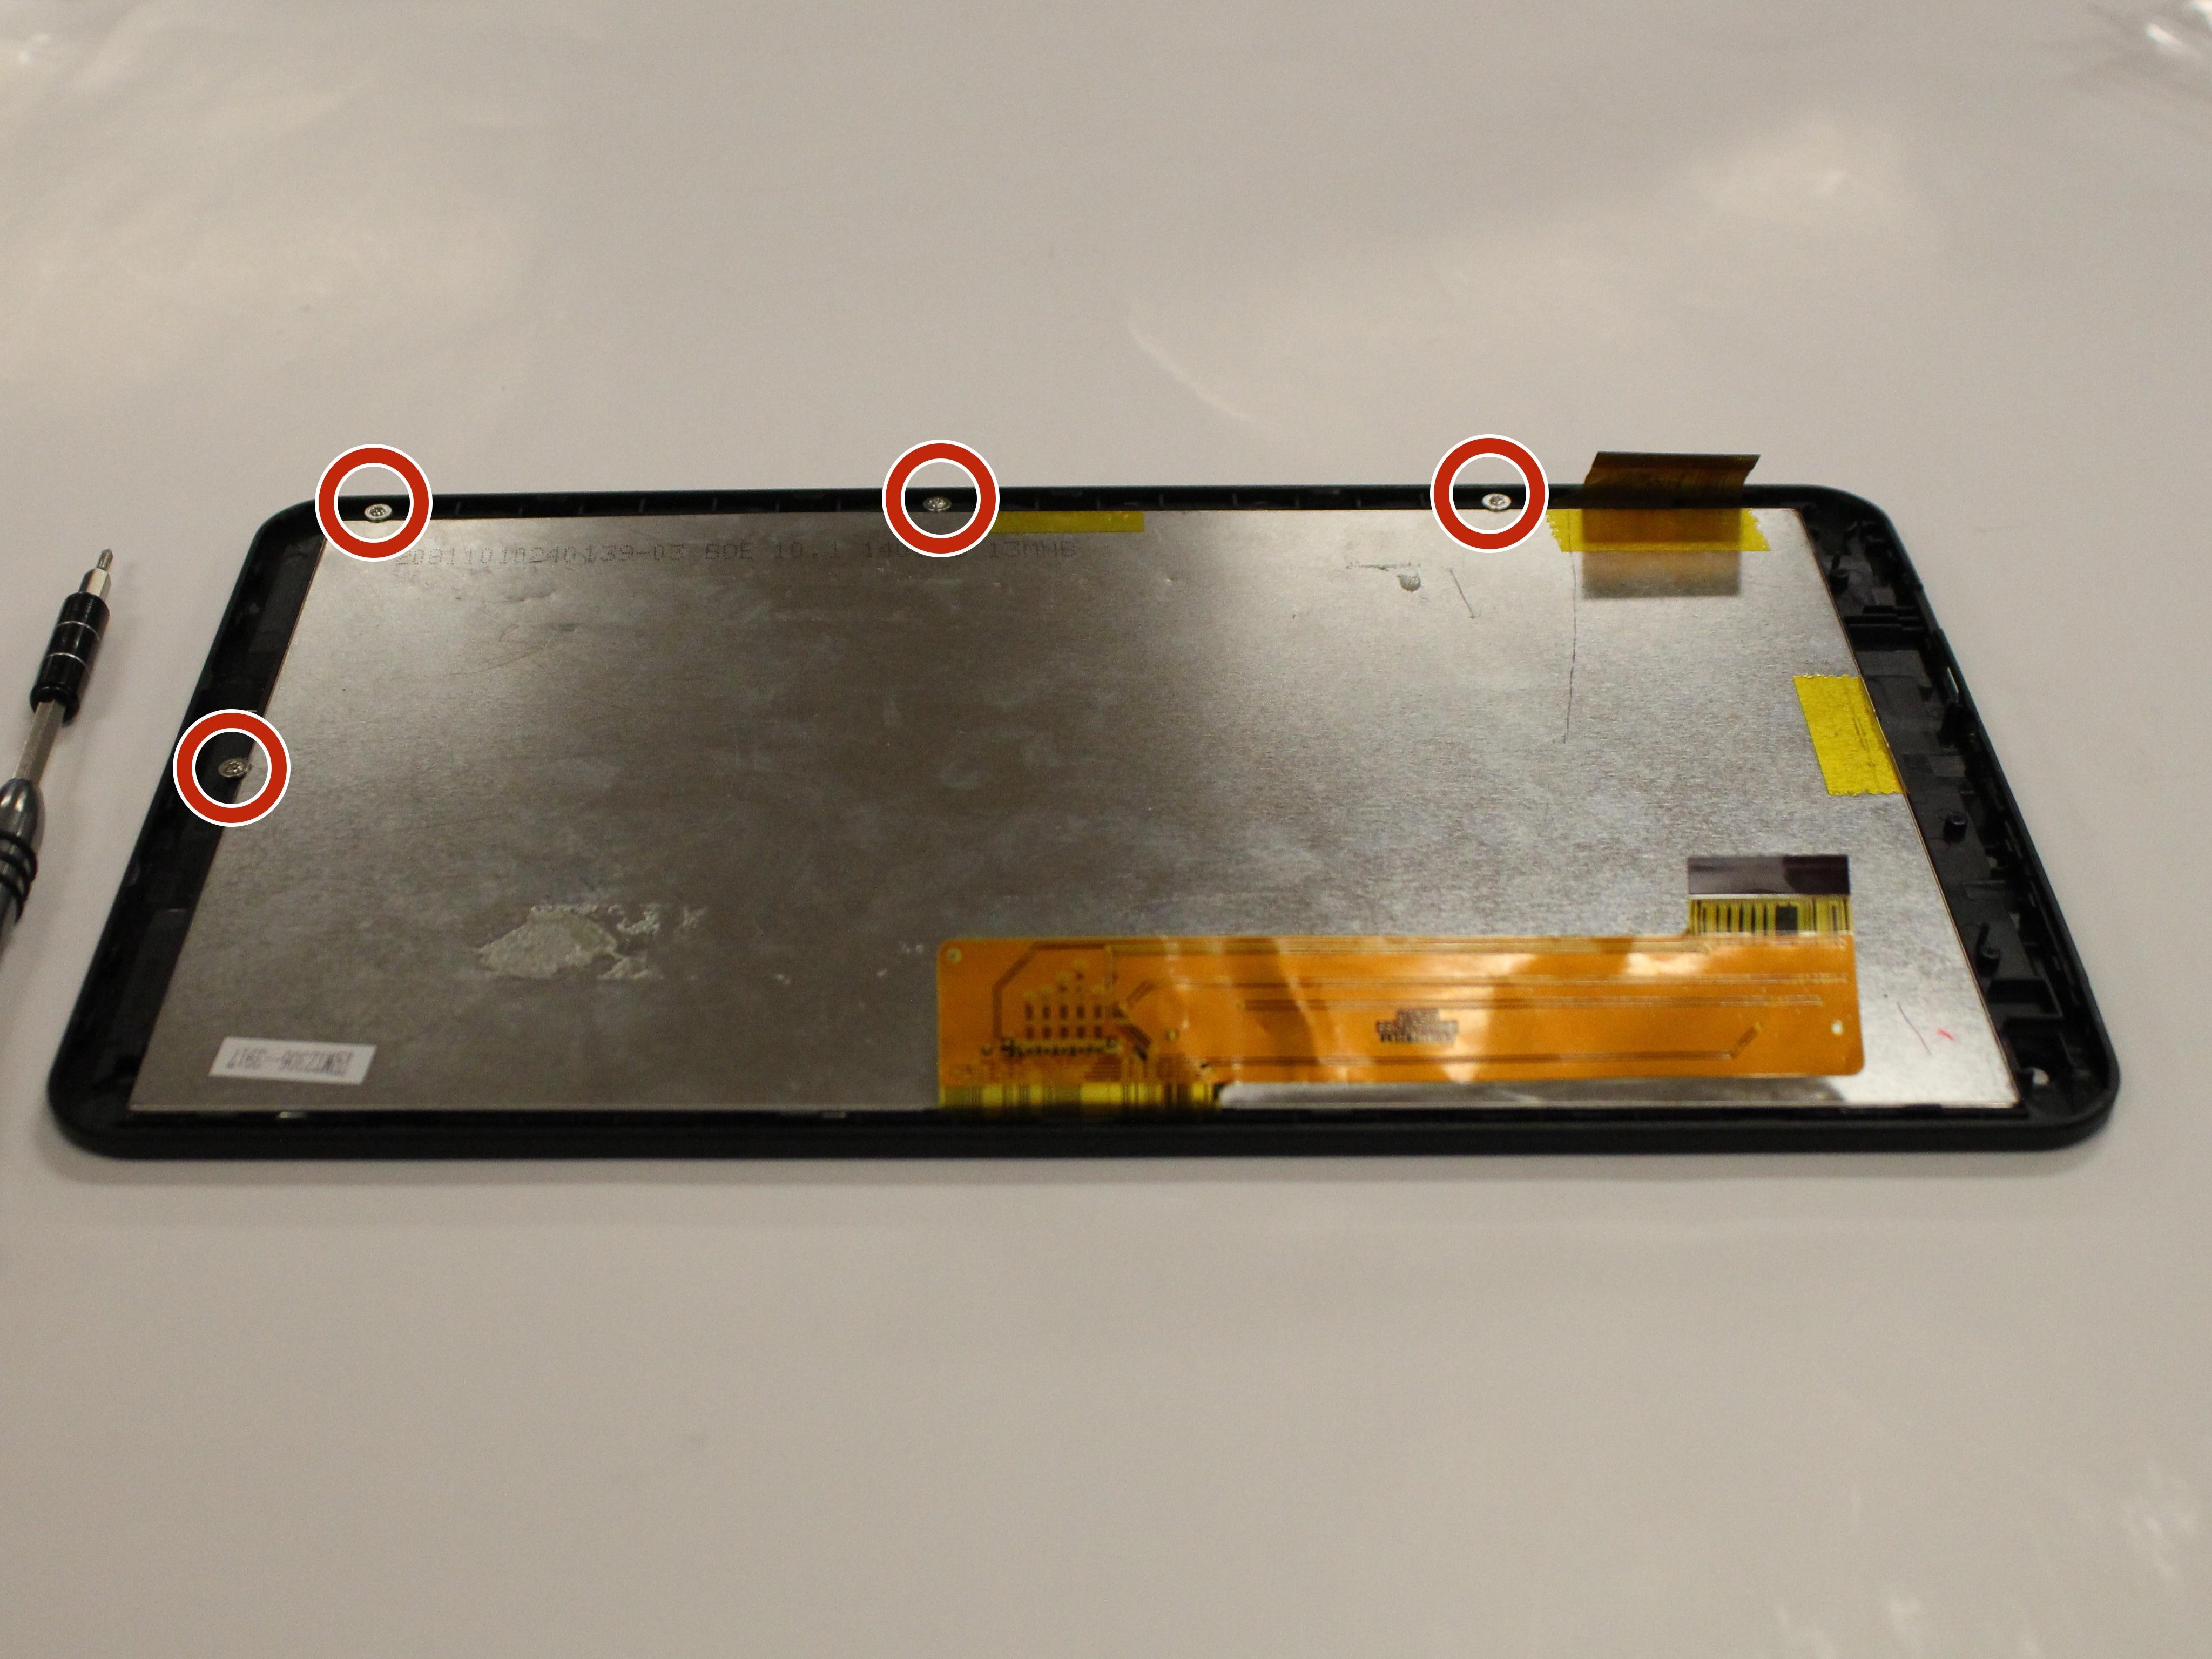 DigiLand DL1010Q Repair - iFixit